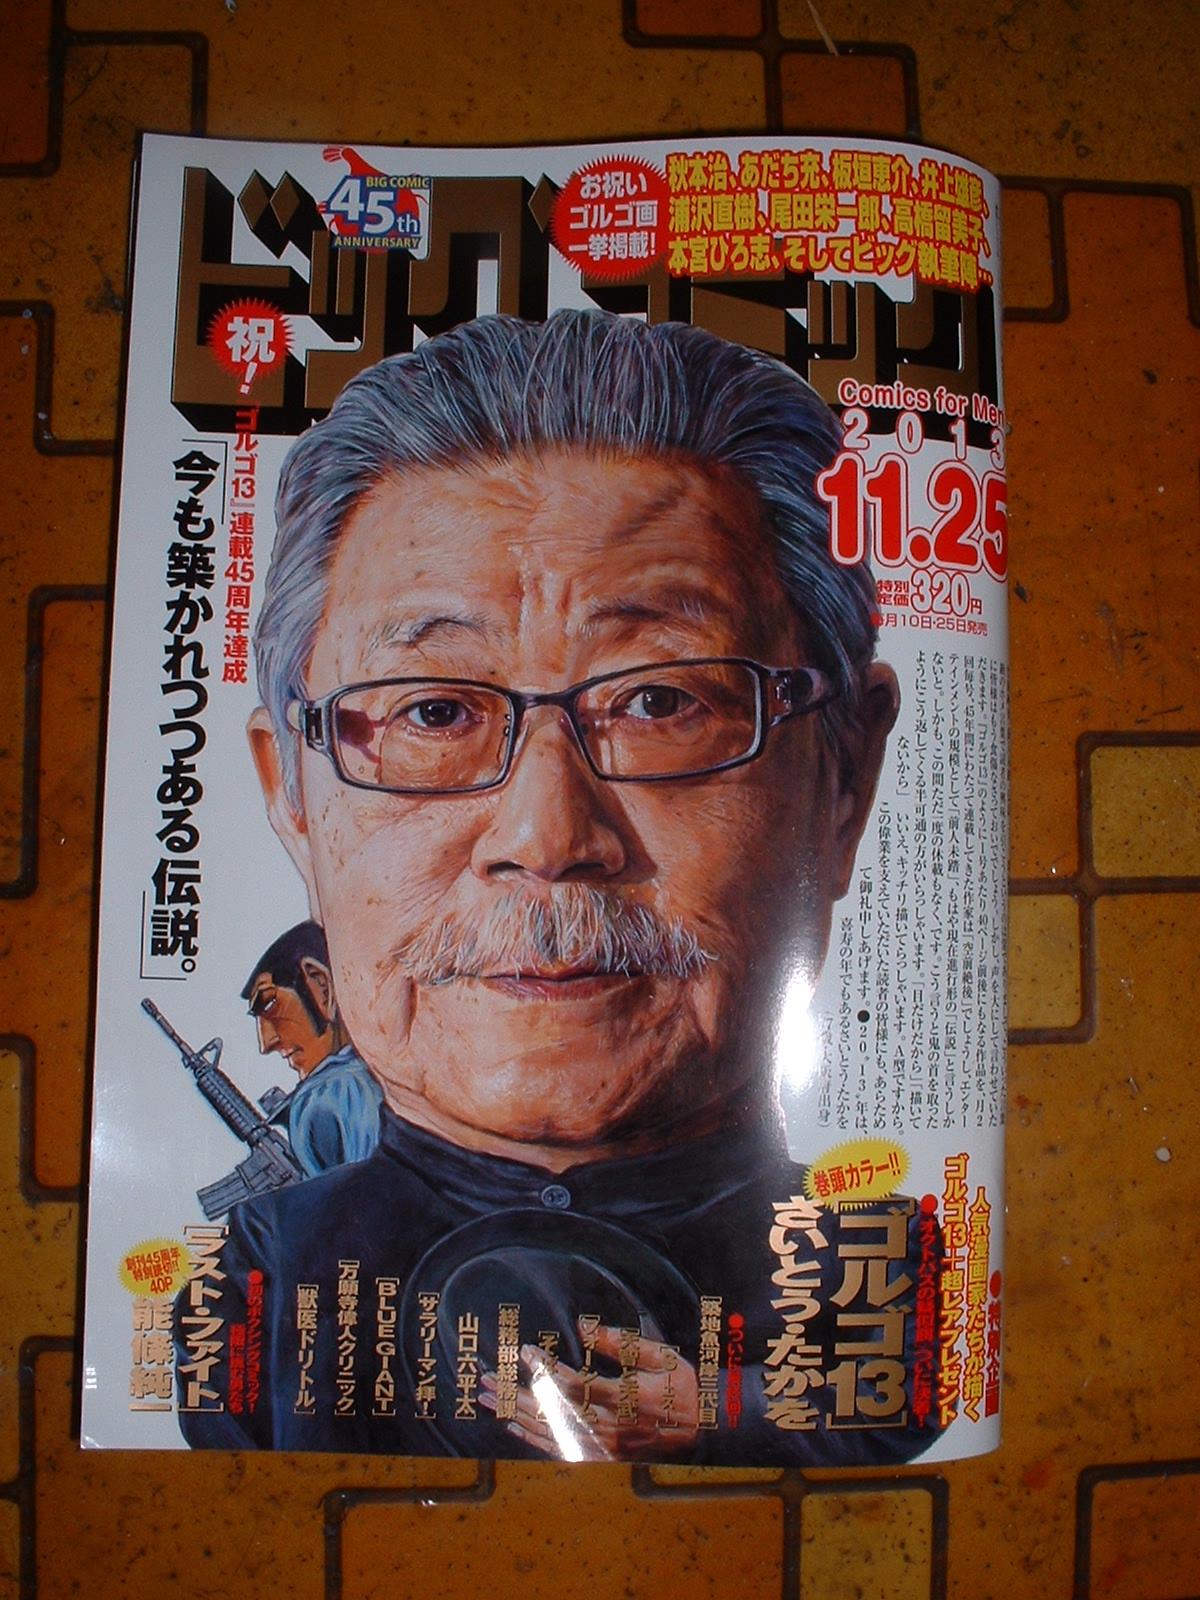 ビックコミック 2013年11月25日号 「ゴルゴ13」連載45周年記念記事 掲載号 Doburoku-TAO.JPG